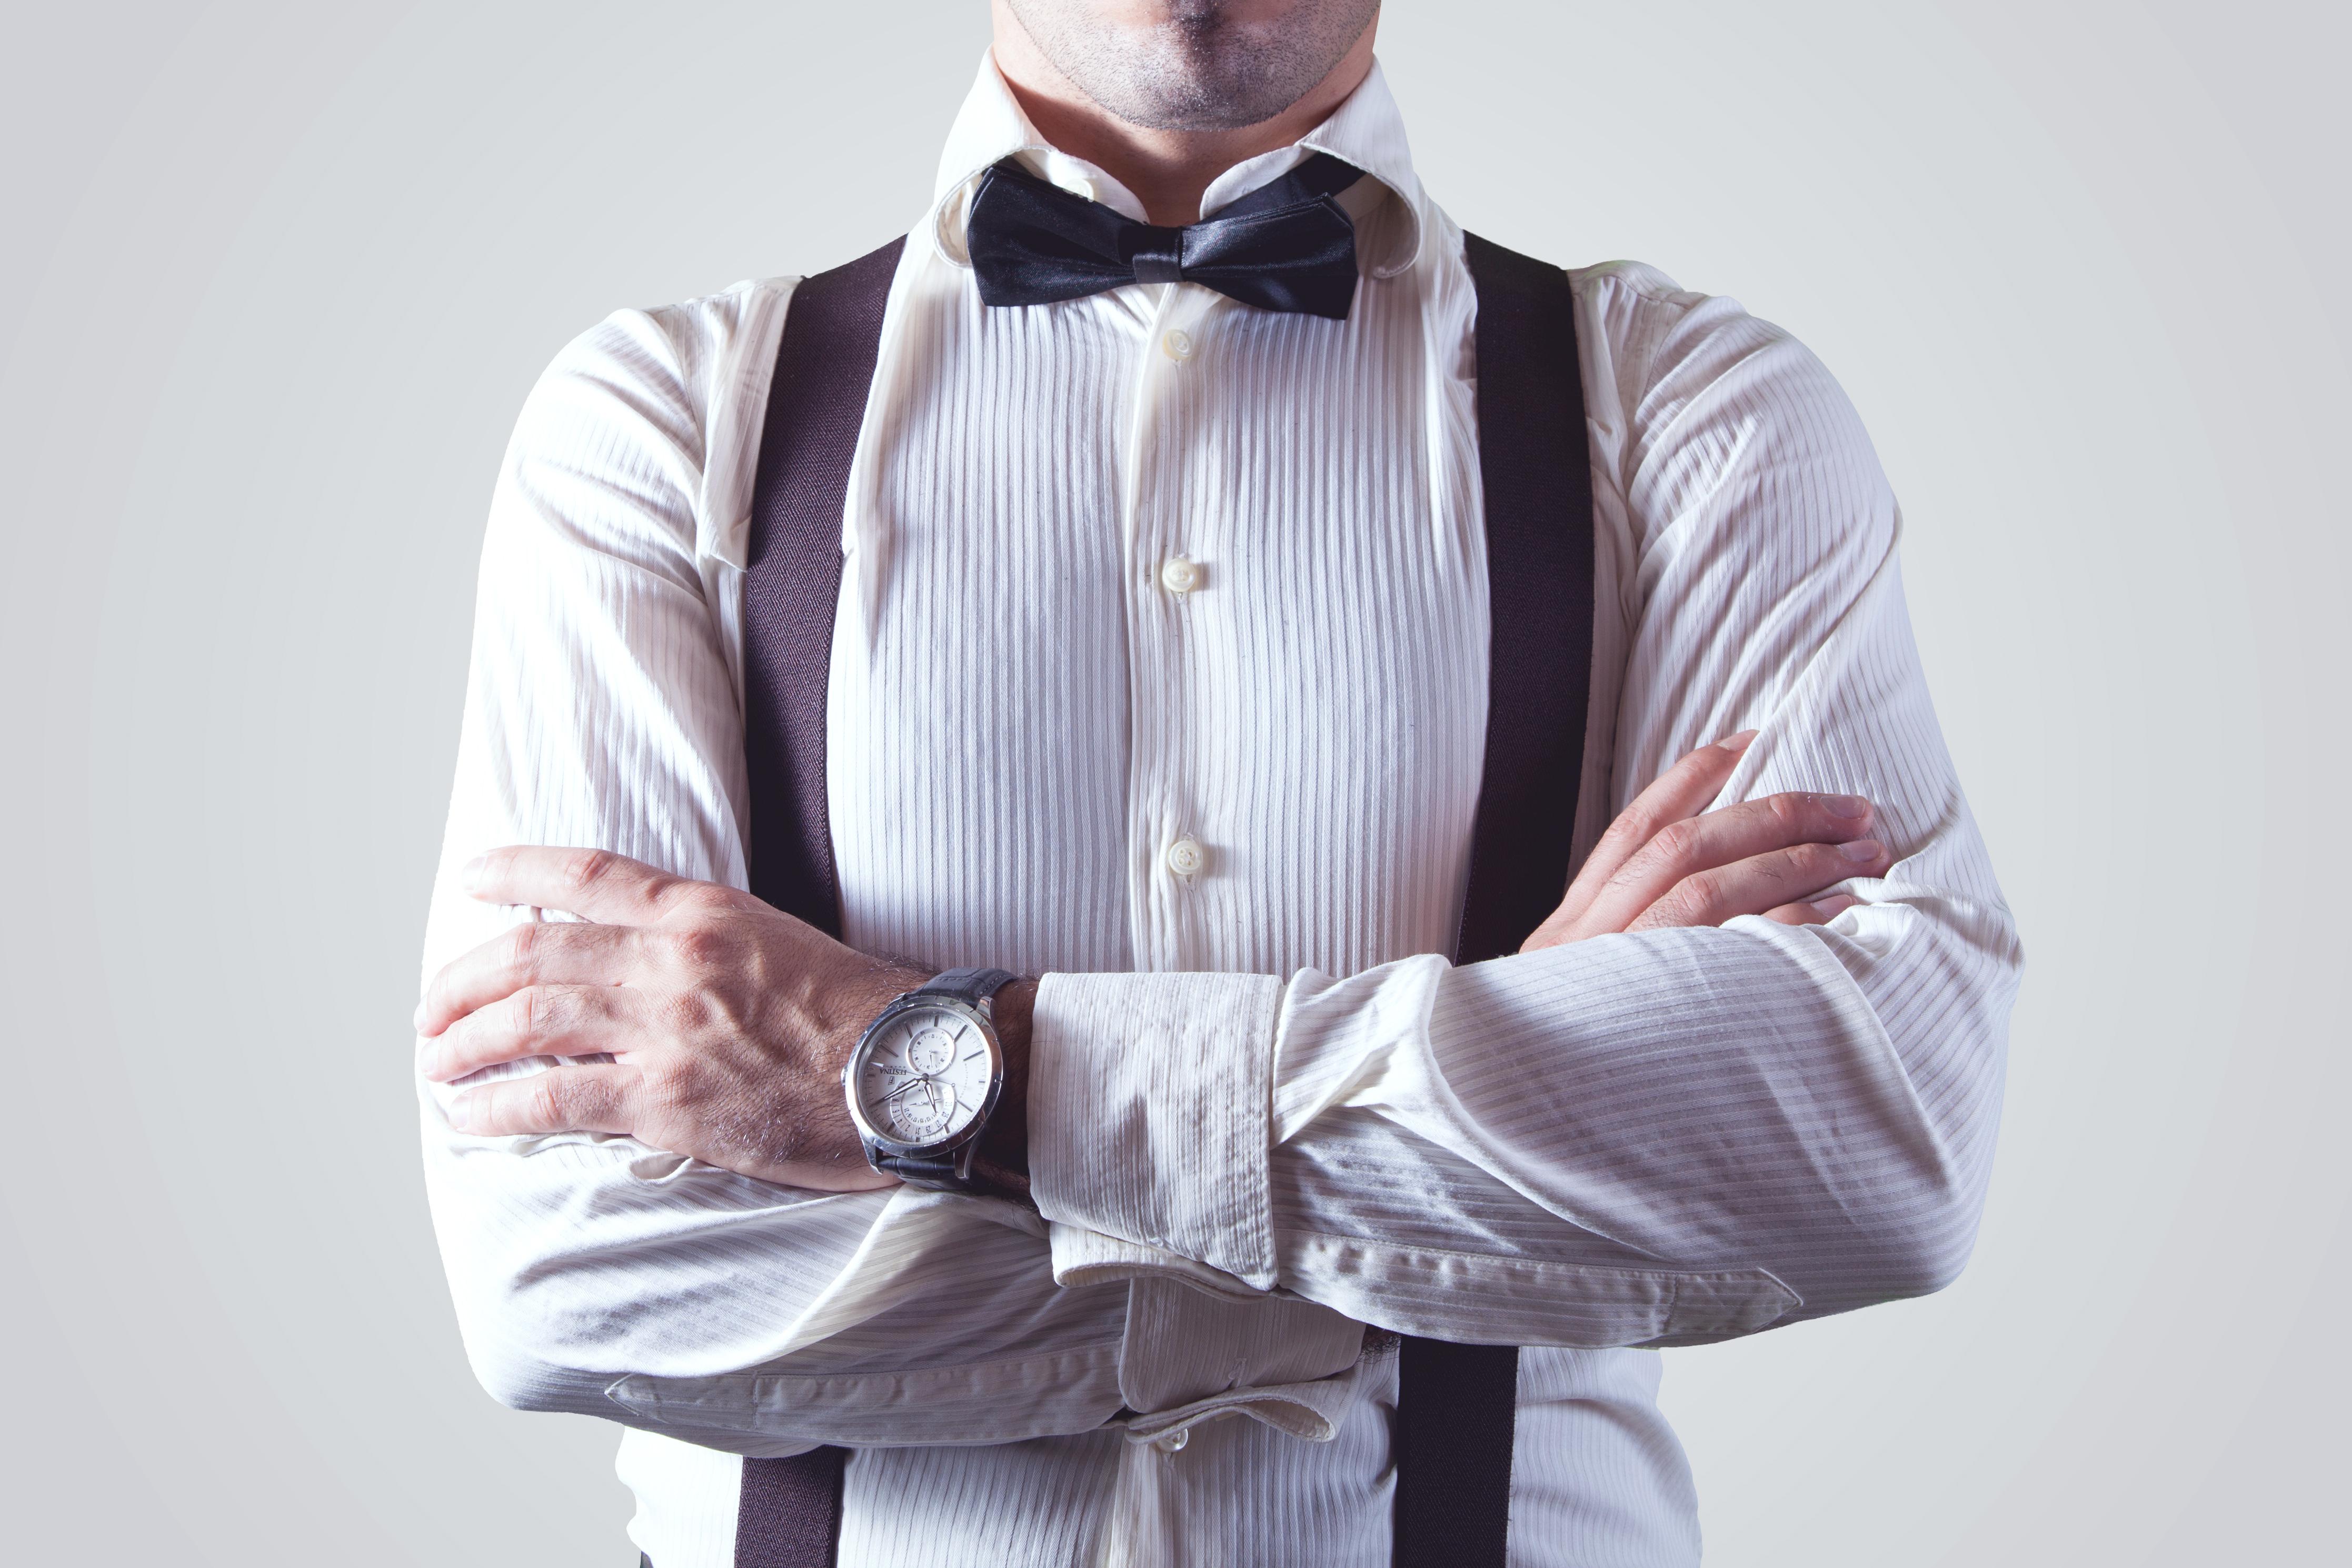 bow-tie-businessman-fashion-man-1